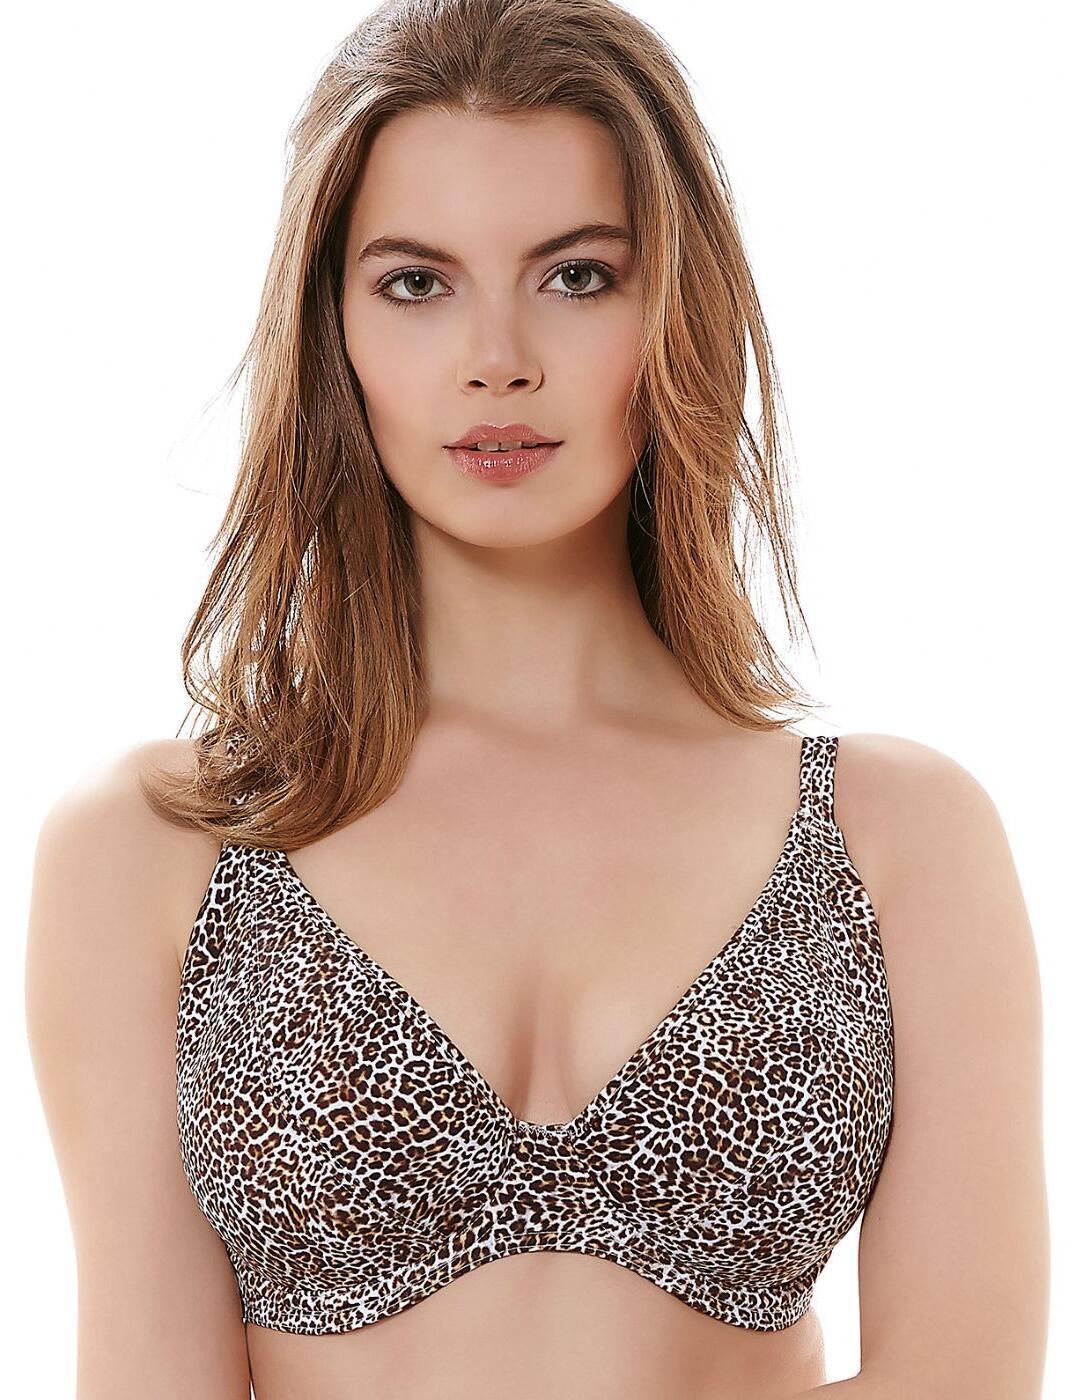 3937 Freya Rumble Padded Plunge Bikini Top Leopard - 3937 Plunge Bikini Top